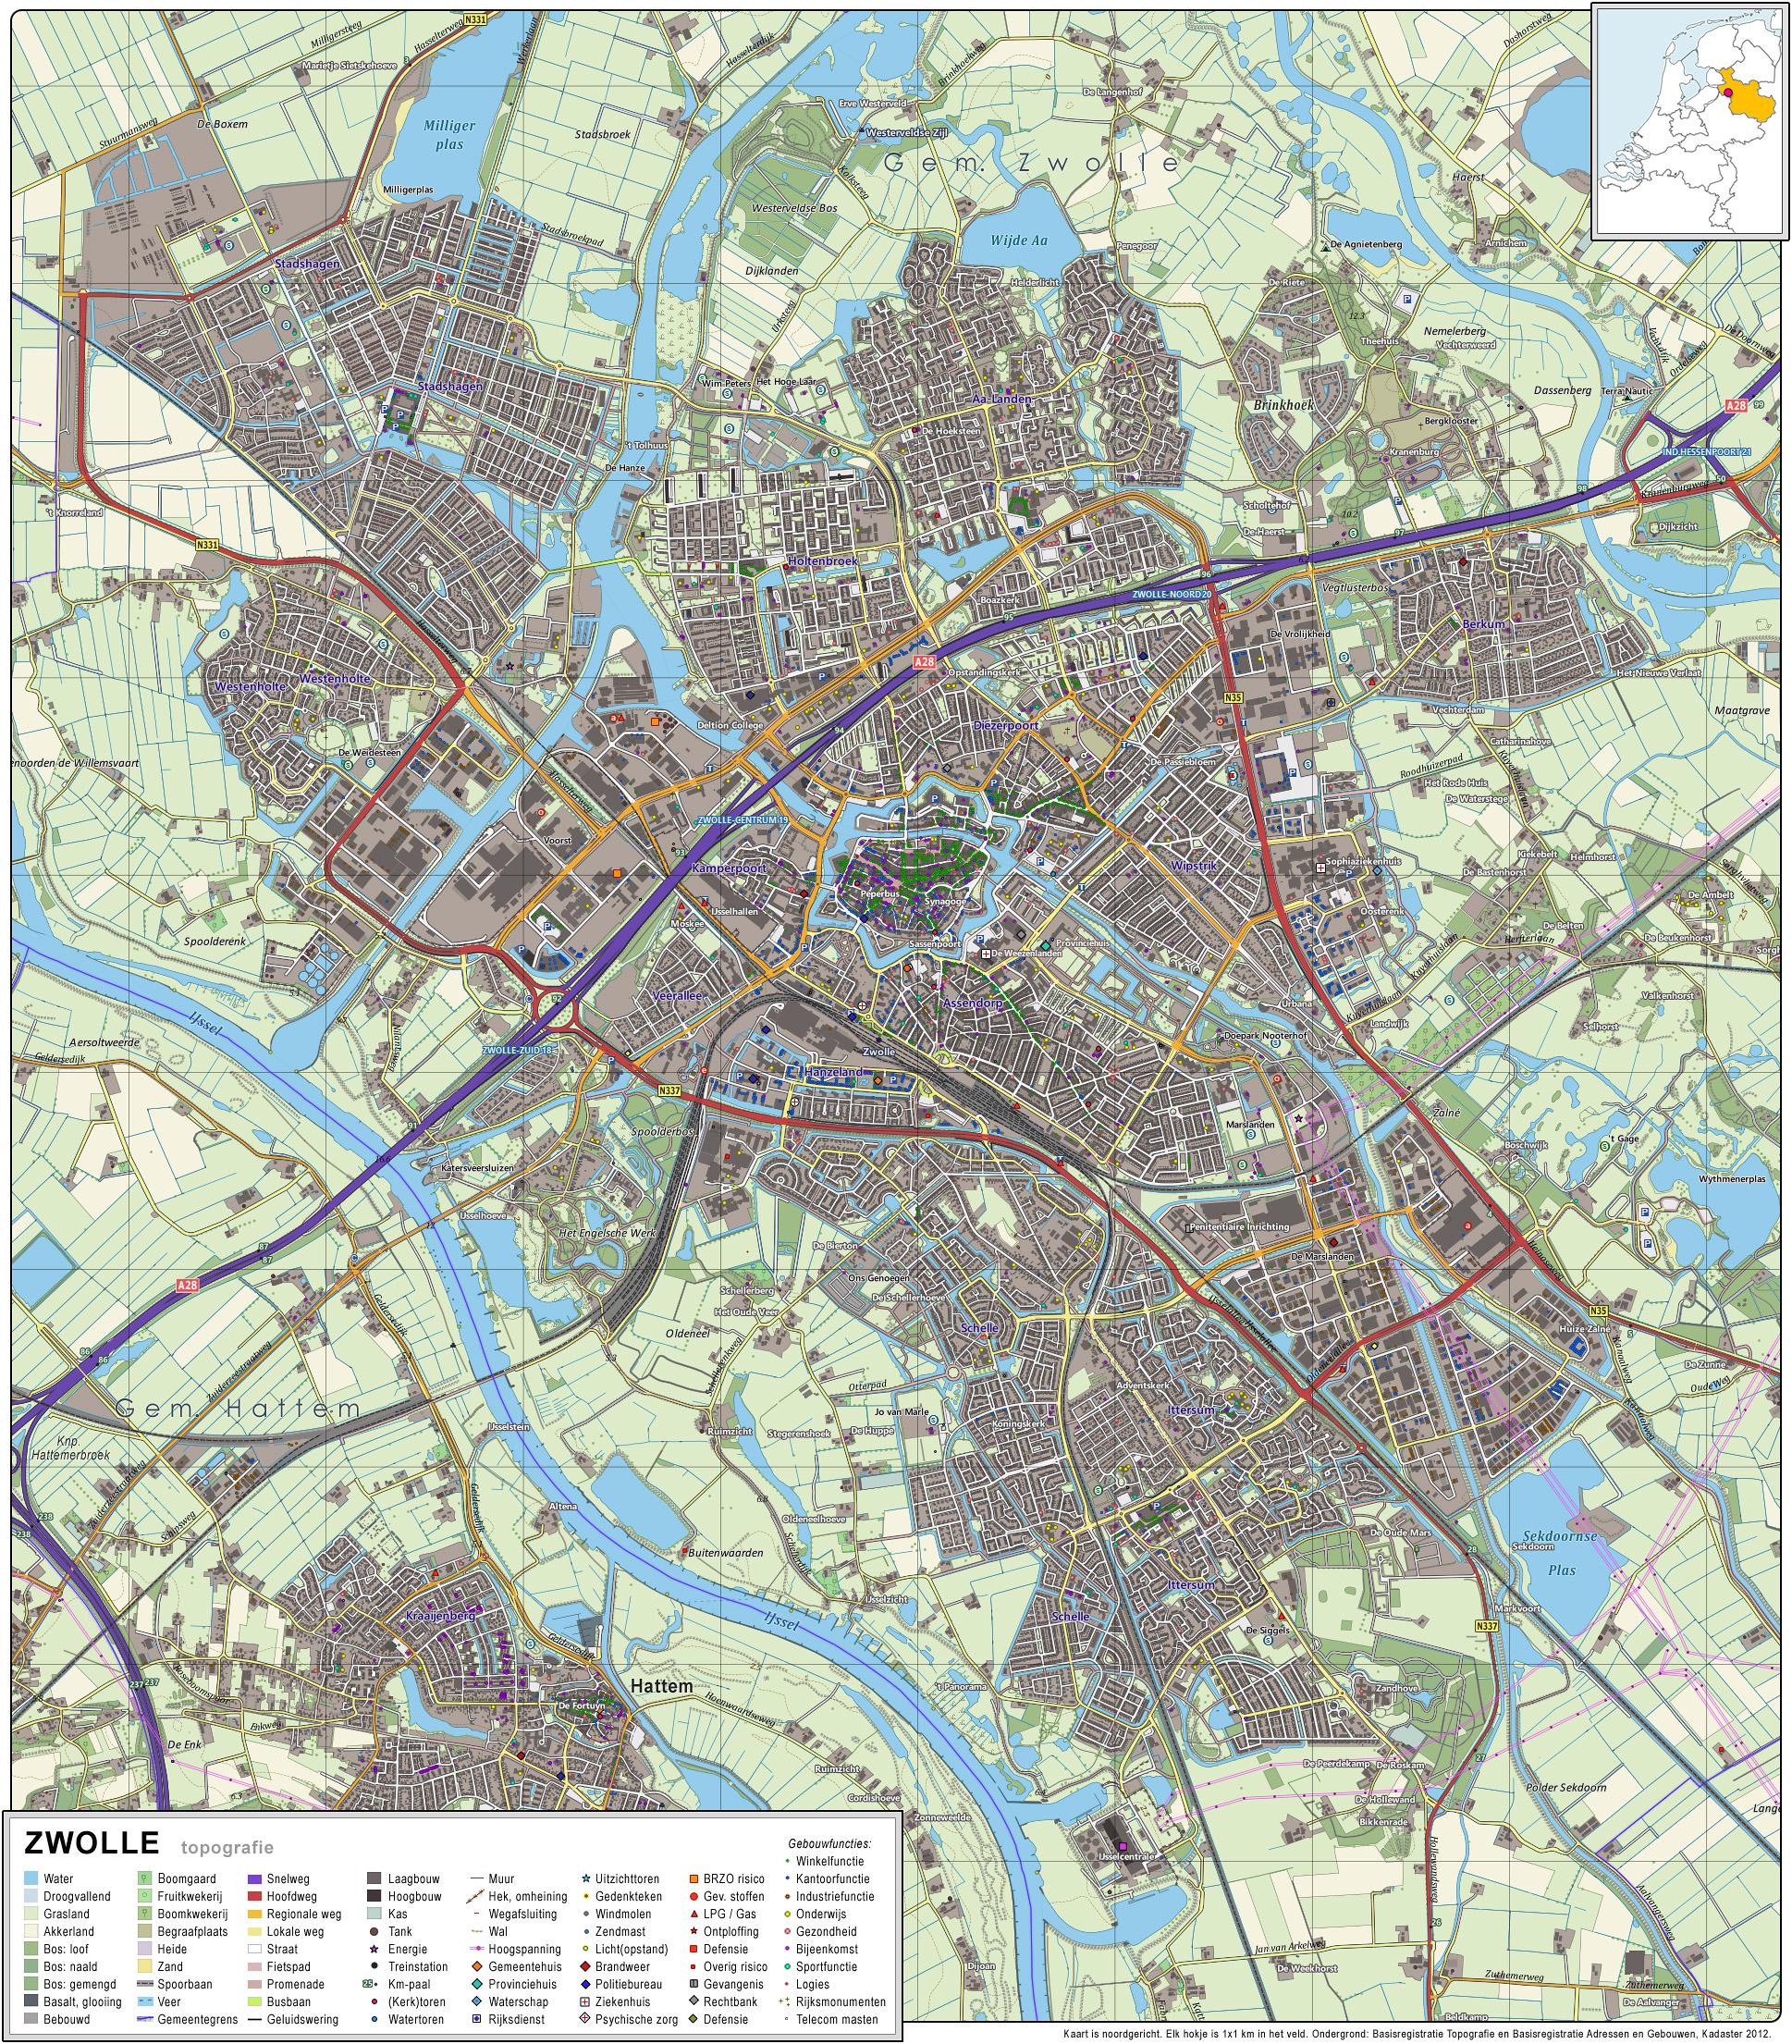 FileZwolletopografiejpg Wikimedia Commons